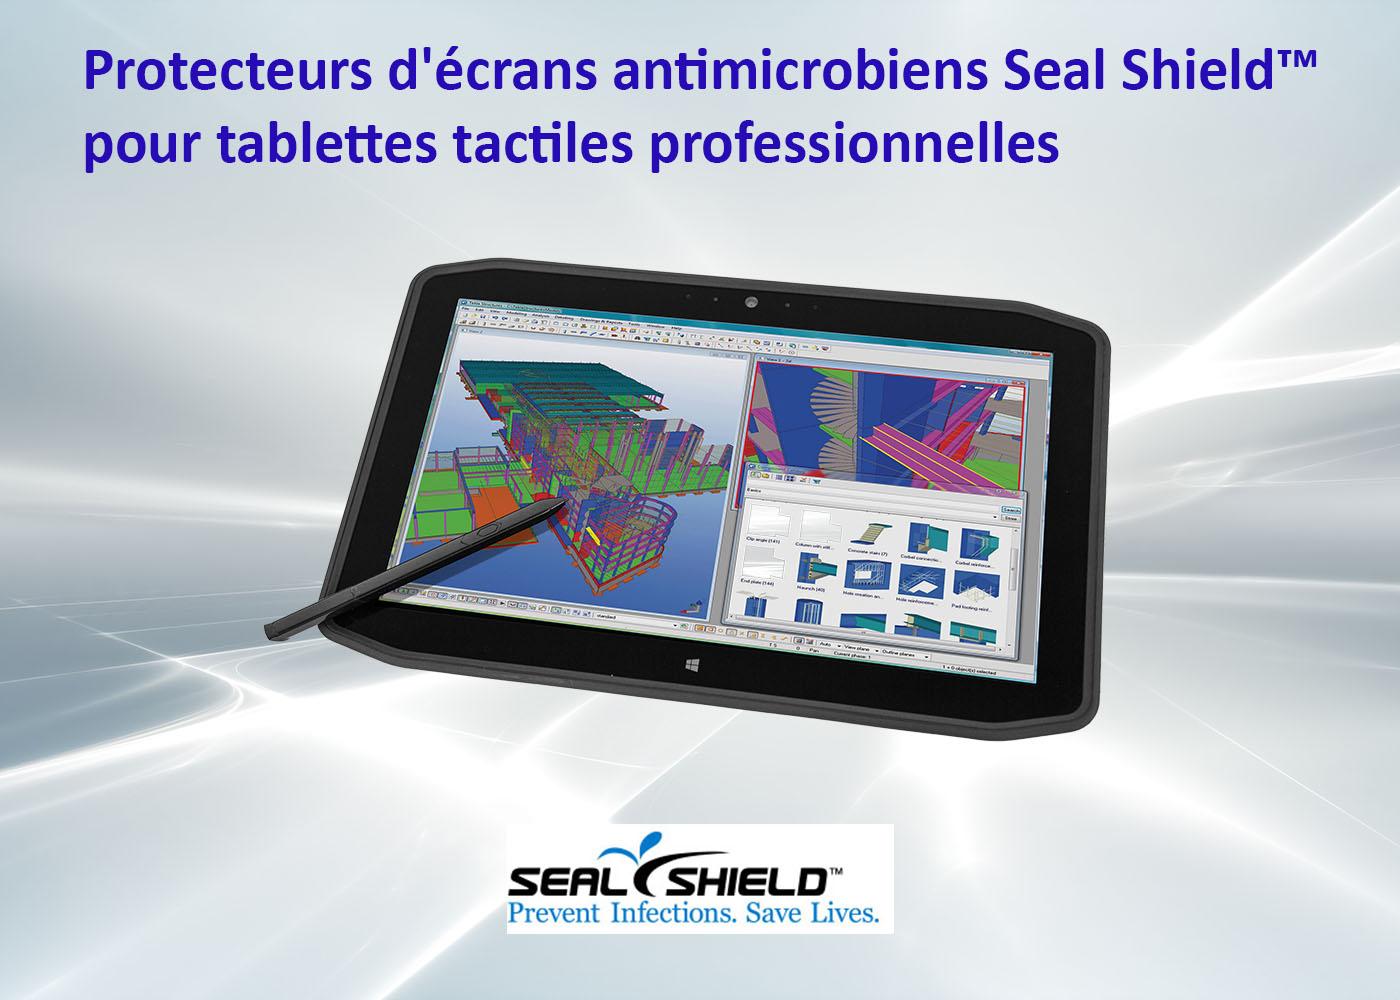 Film de protection pour tablettes tactiles professionnelles